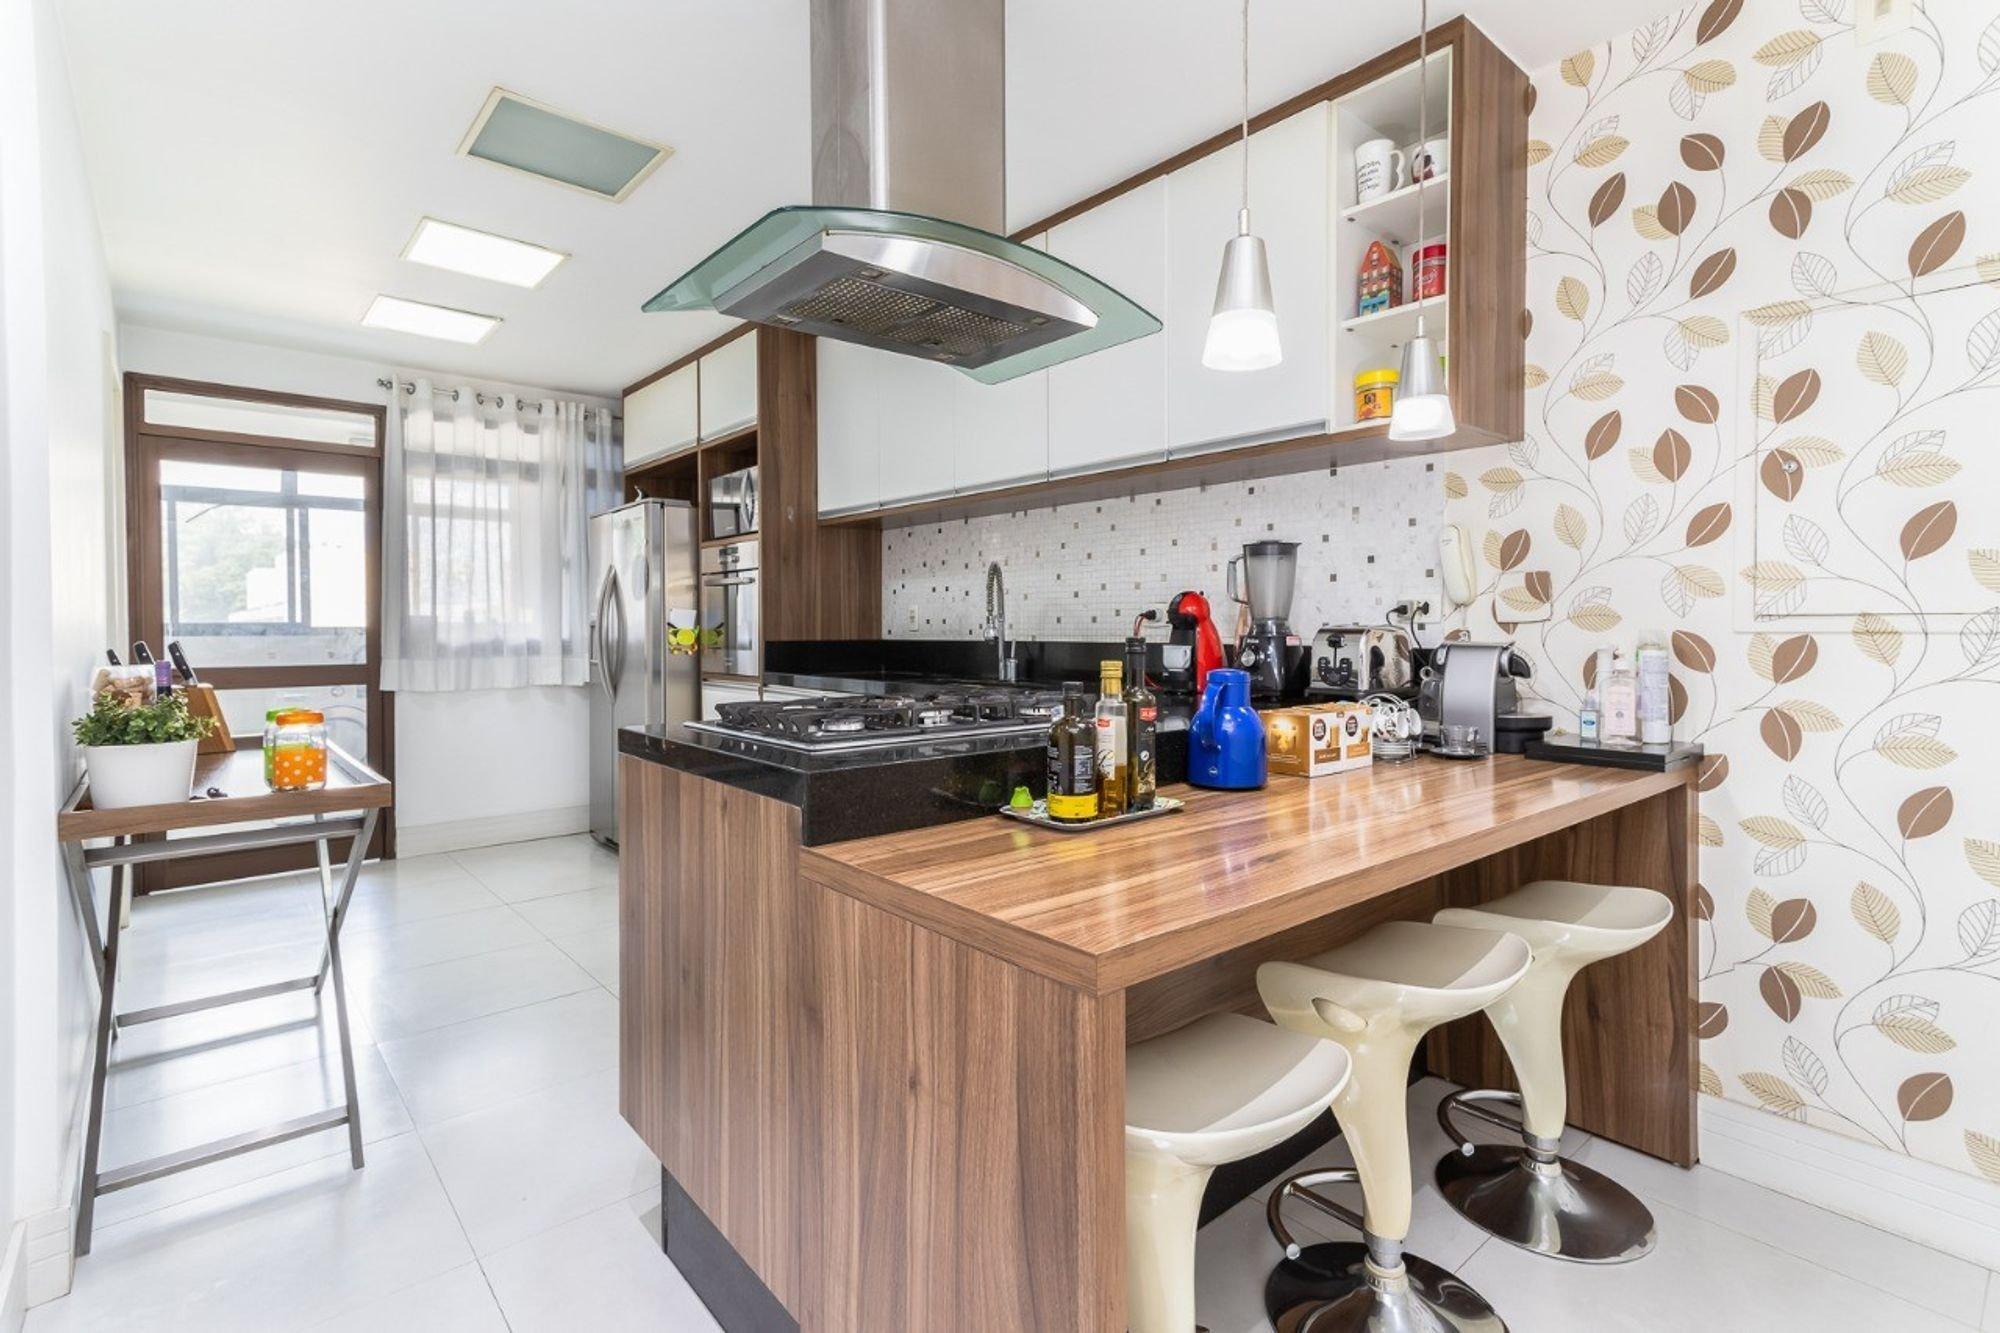 Foto de Cozinha com vaso de planta, garrafa, forno, geladeira, cadeira, mesa de jantar